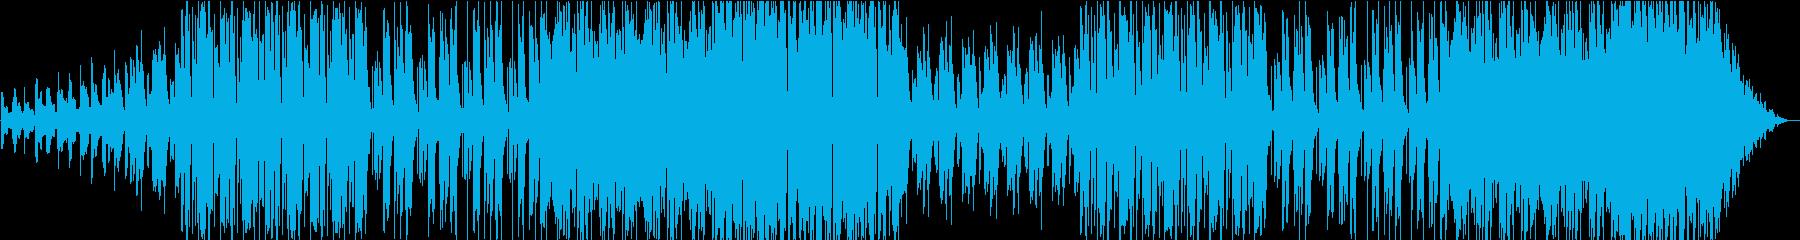 優しさに包まれるような柔らかいBGMですの再生済みの波形